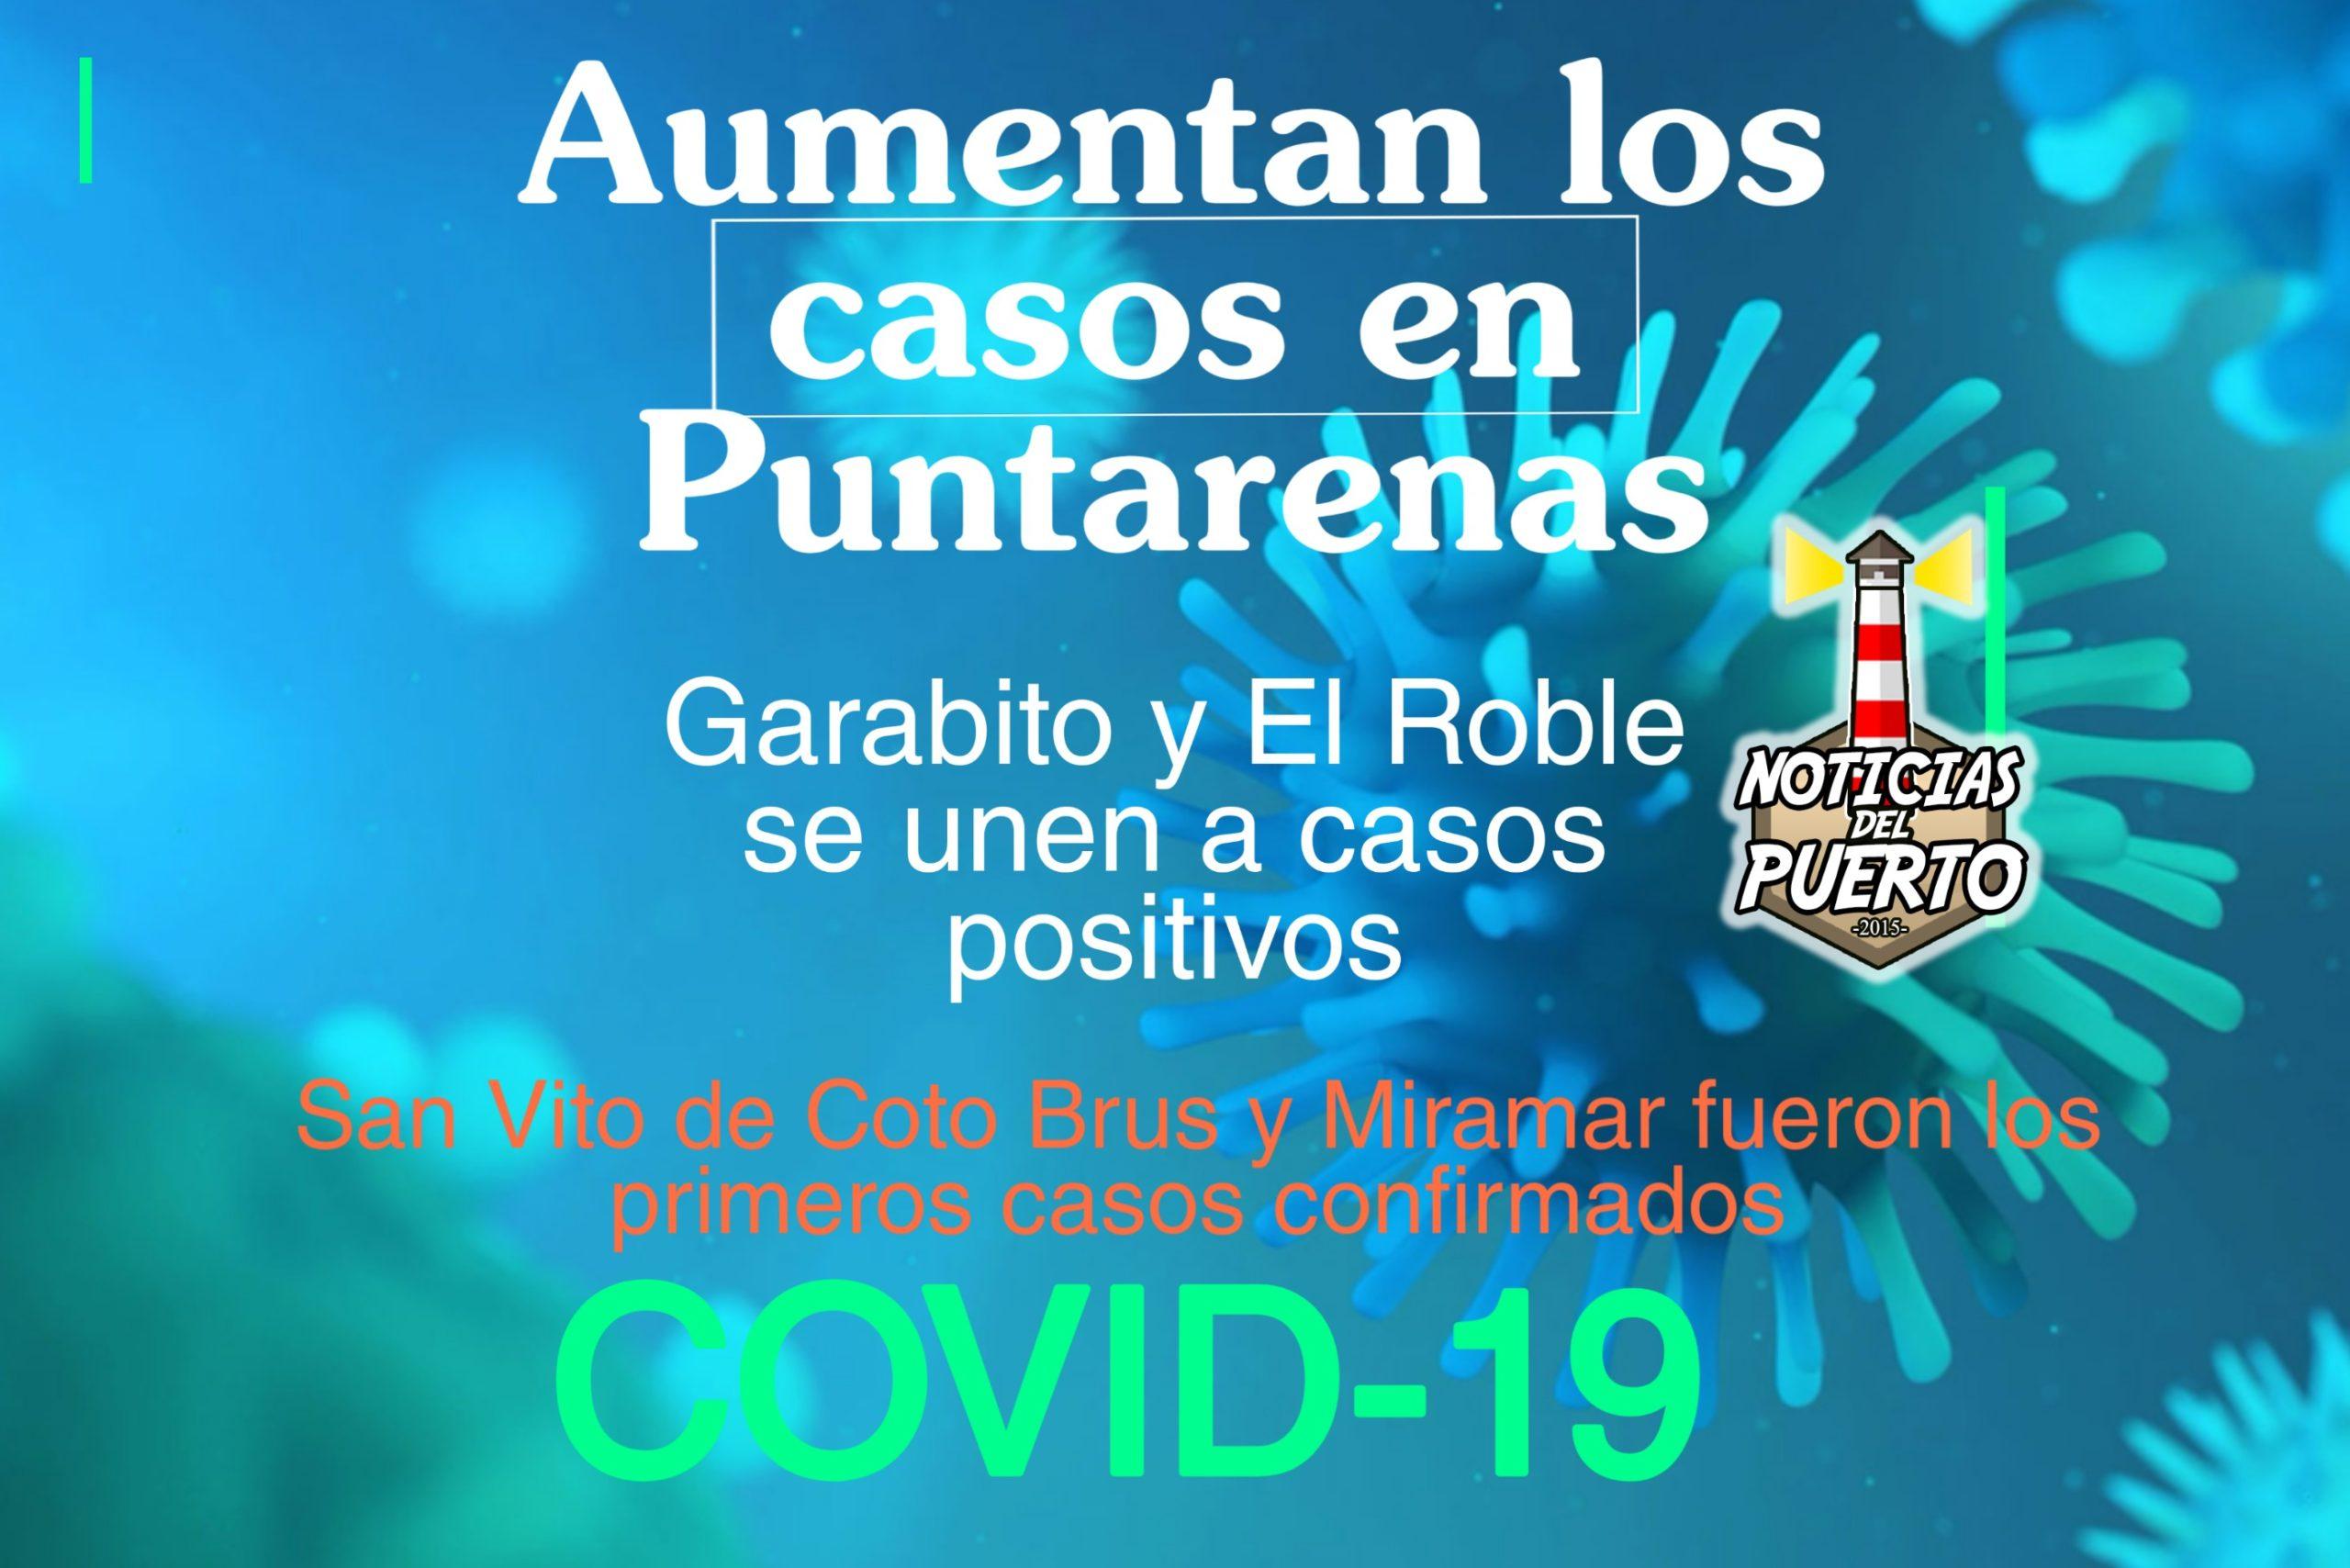 Photo of Aumentan los casos a 201 y Puntarenas suma 6 casos confirmados